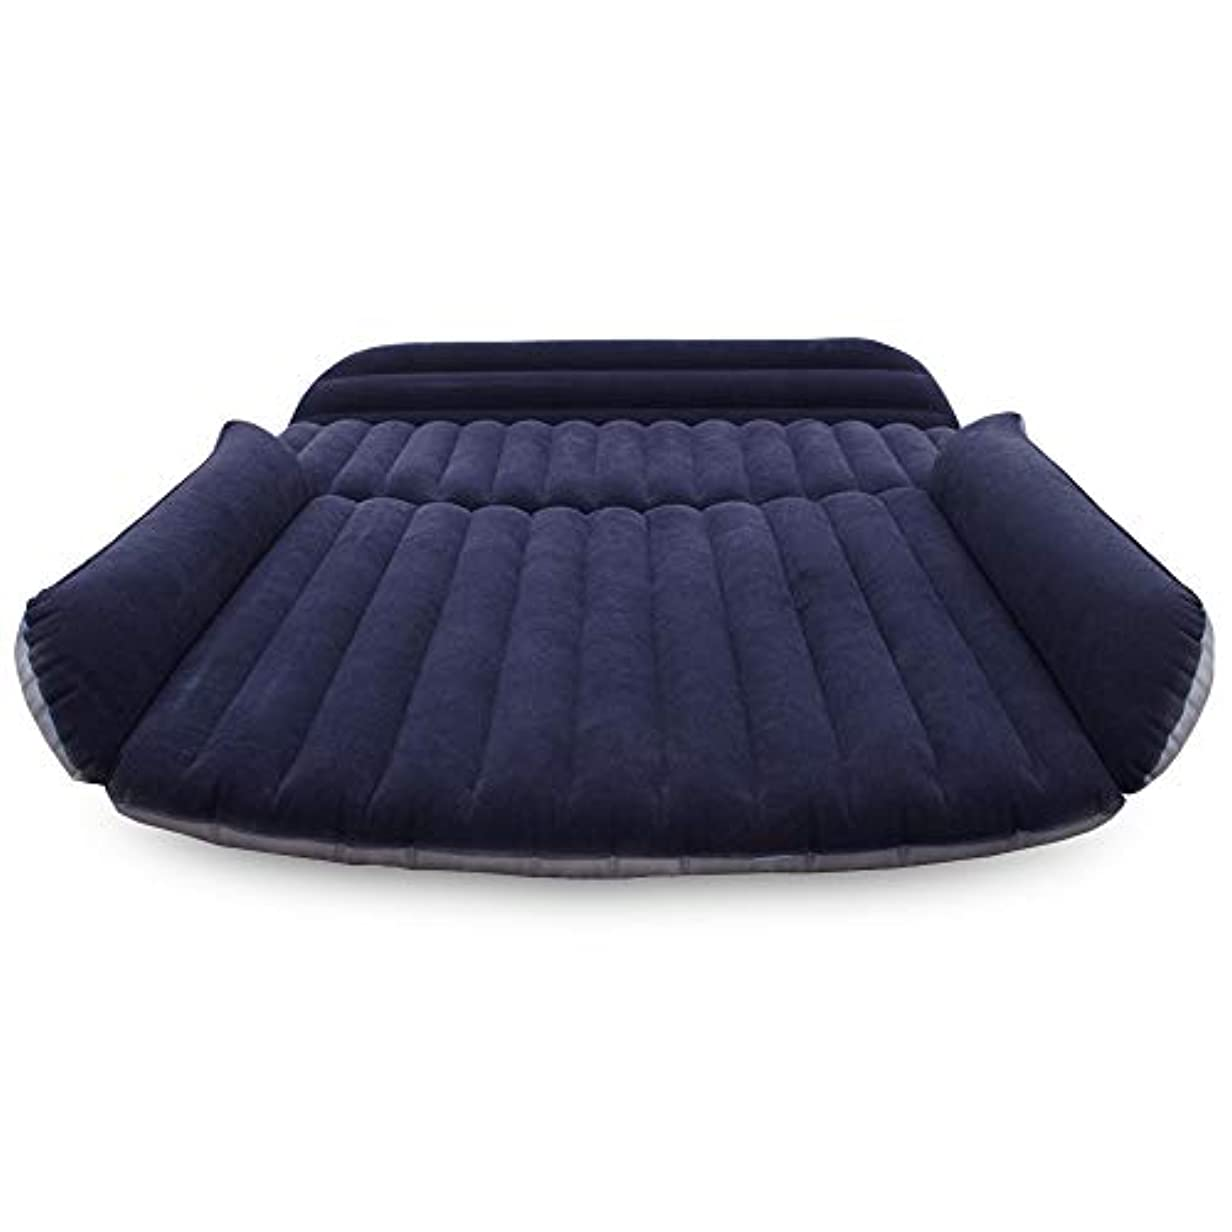 コメントバックテニスキャンプ旅行膨脹可能な車のベッドの SUV の後部座席カバー空気マットレスの車の空気マットレスの植毛の布空気ポンプ